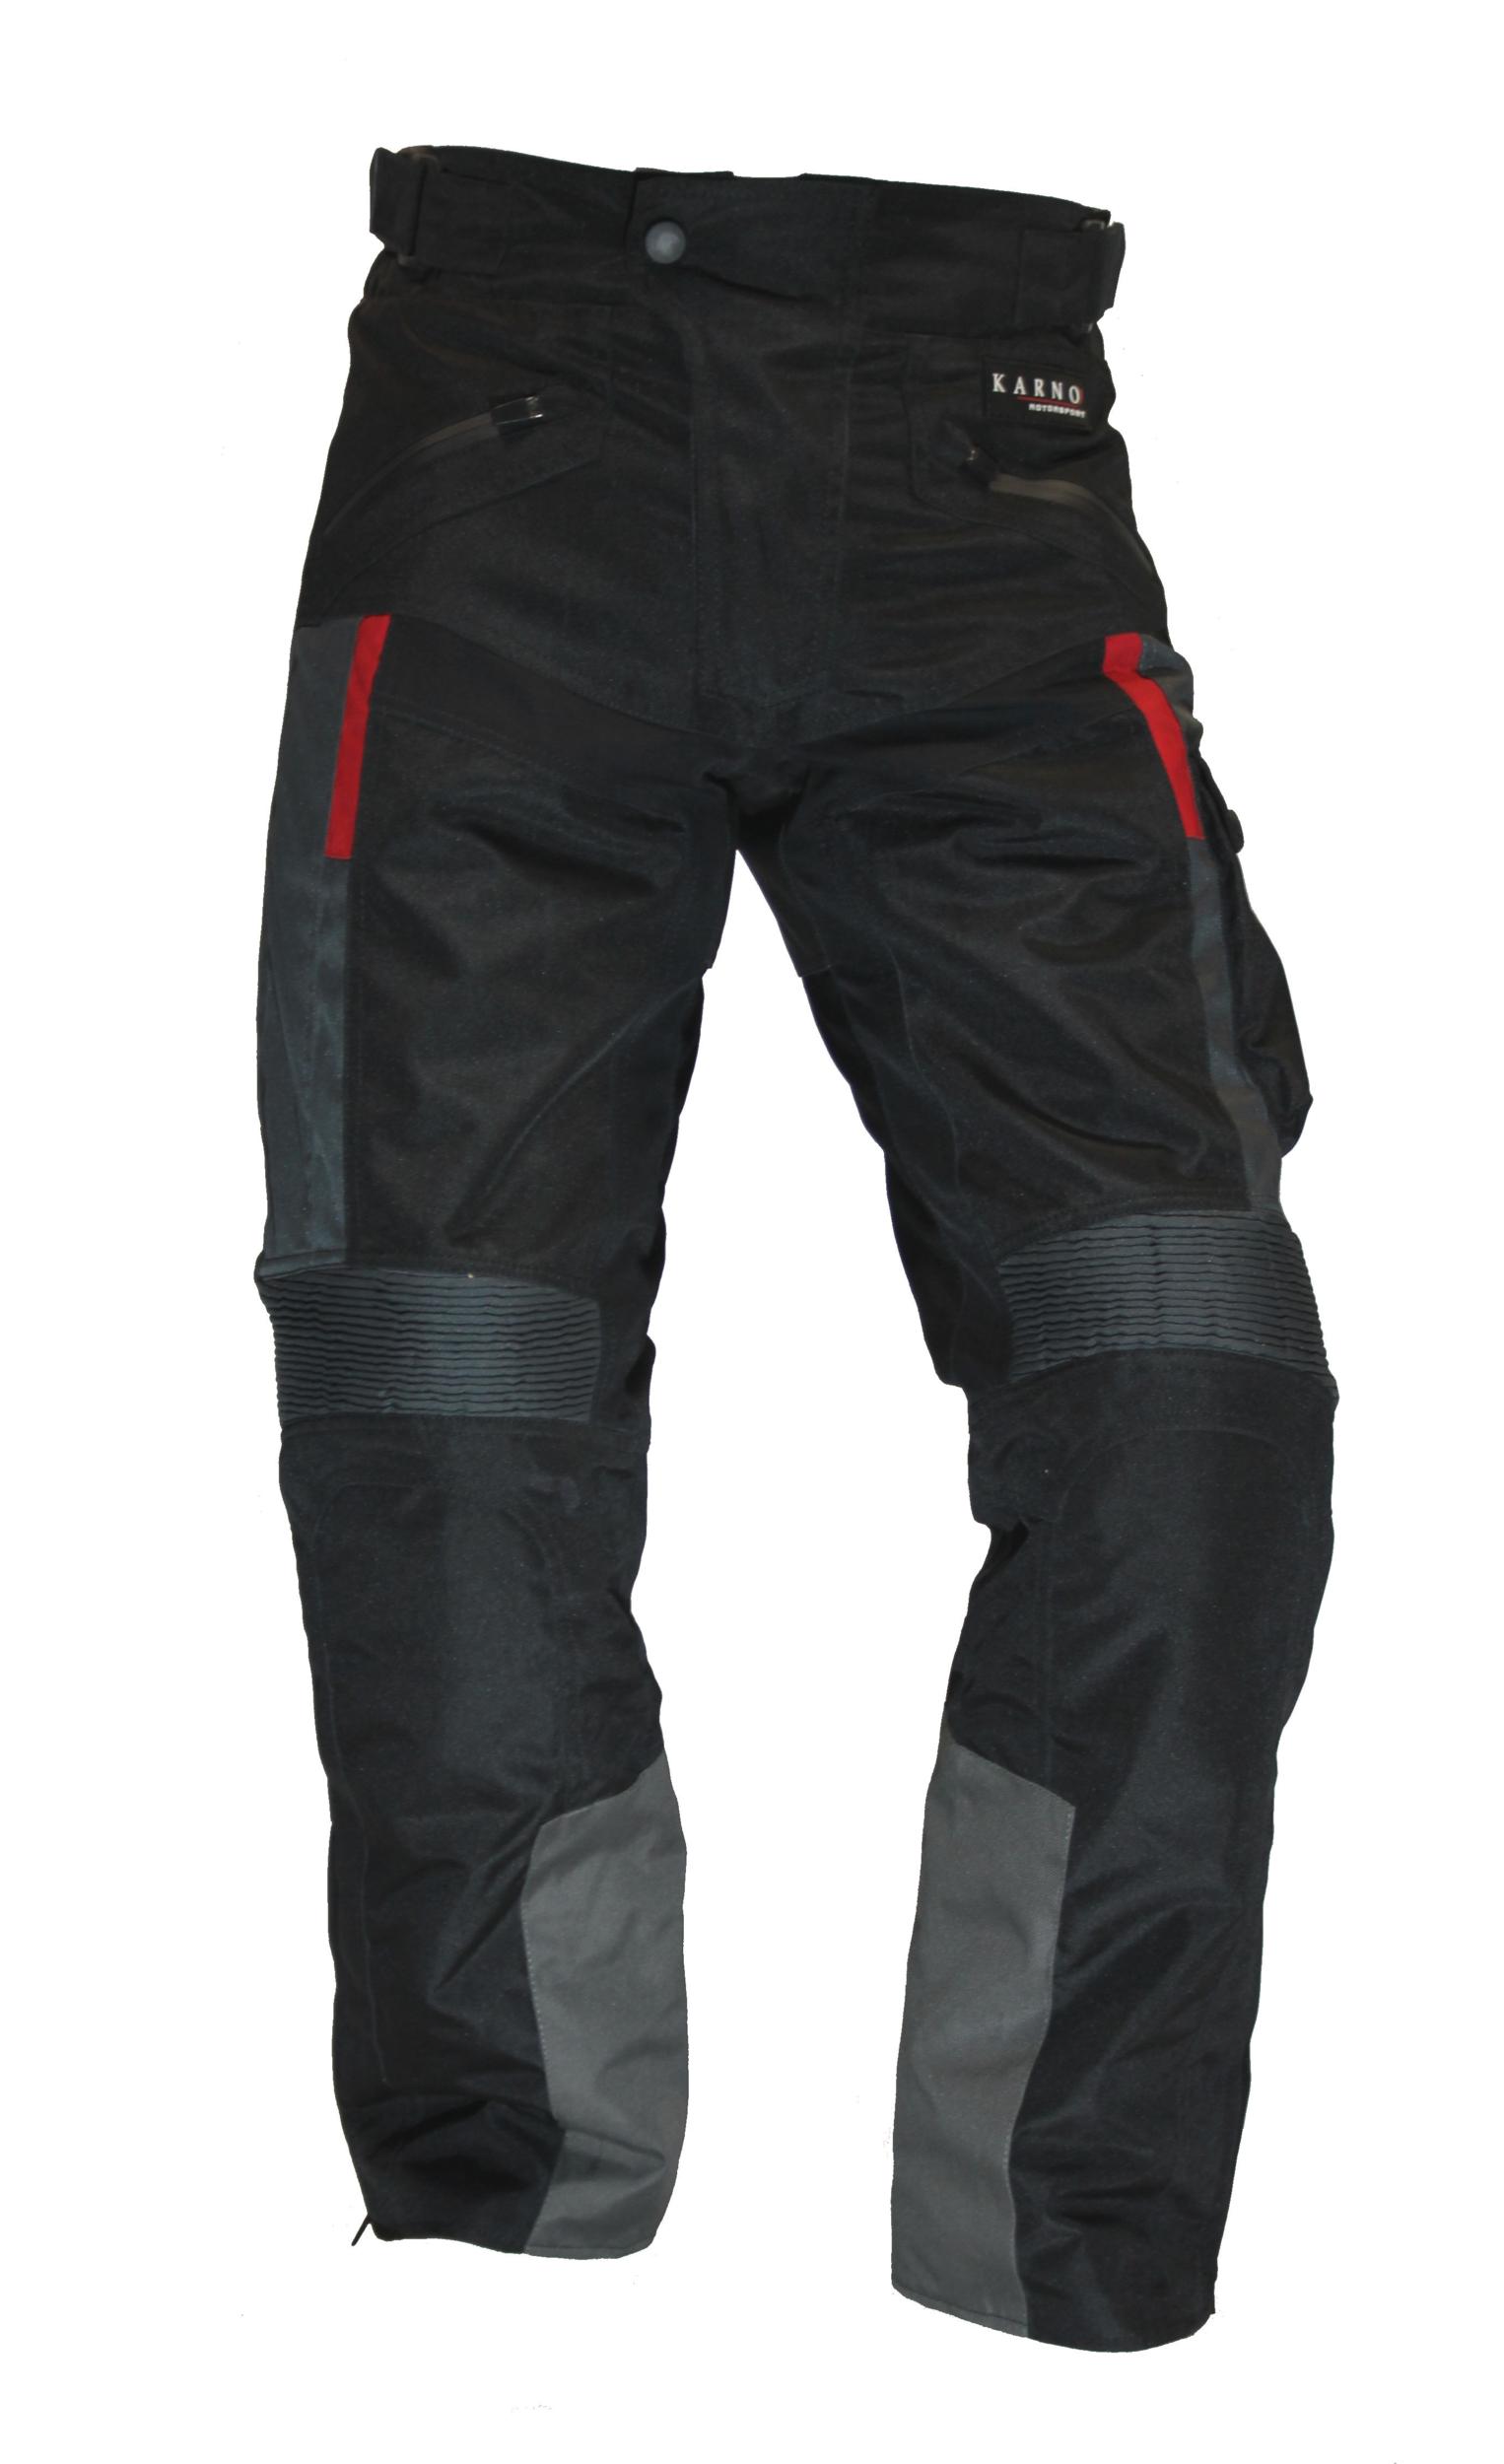 kt313 pantalon moto quad textile karno motorsport crossway noir. Black Bedroom Furniture Sets. Home Design Ideas